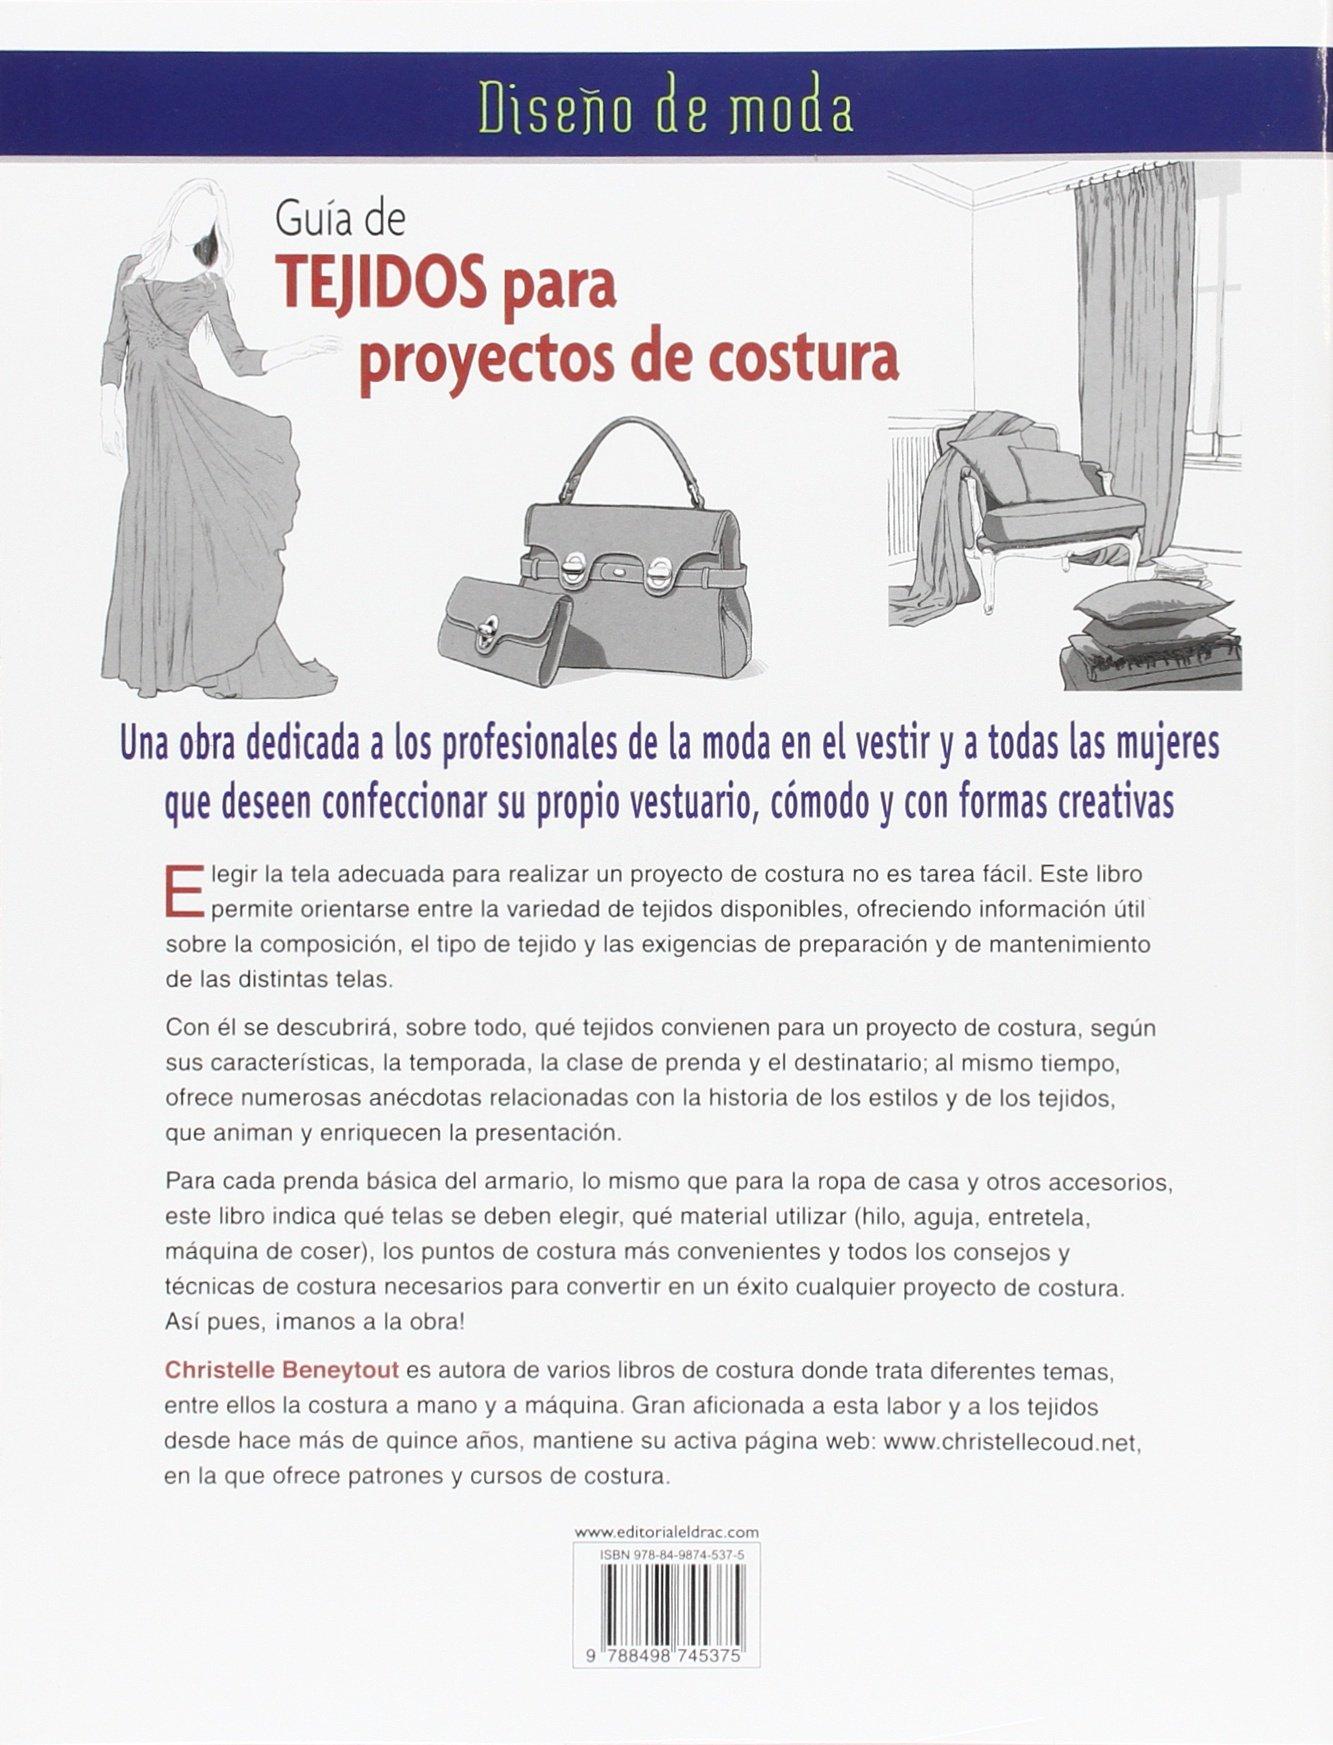 Guía De Tejidos Para Proyectos De Costura: Amazon.es: Christelle Beneytout: Libros